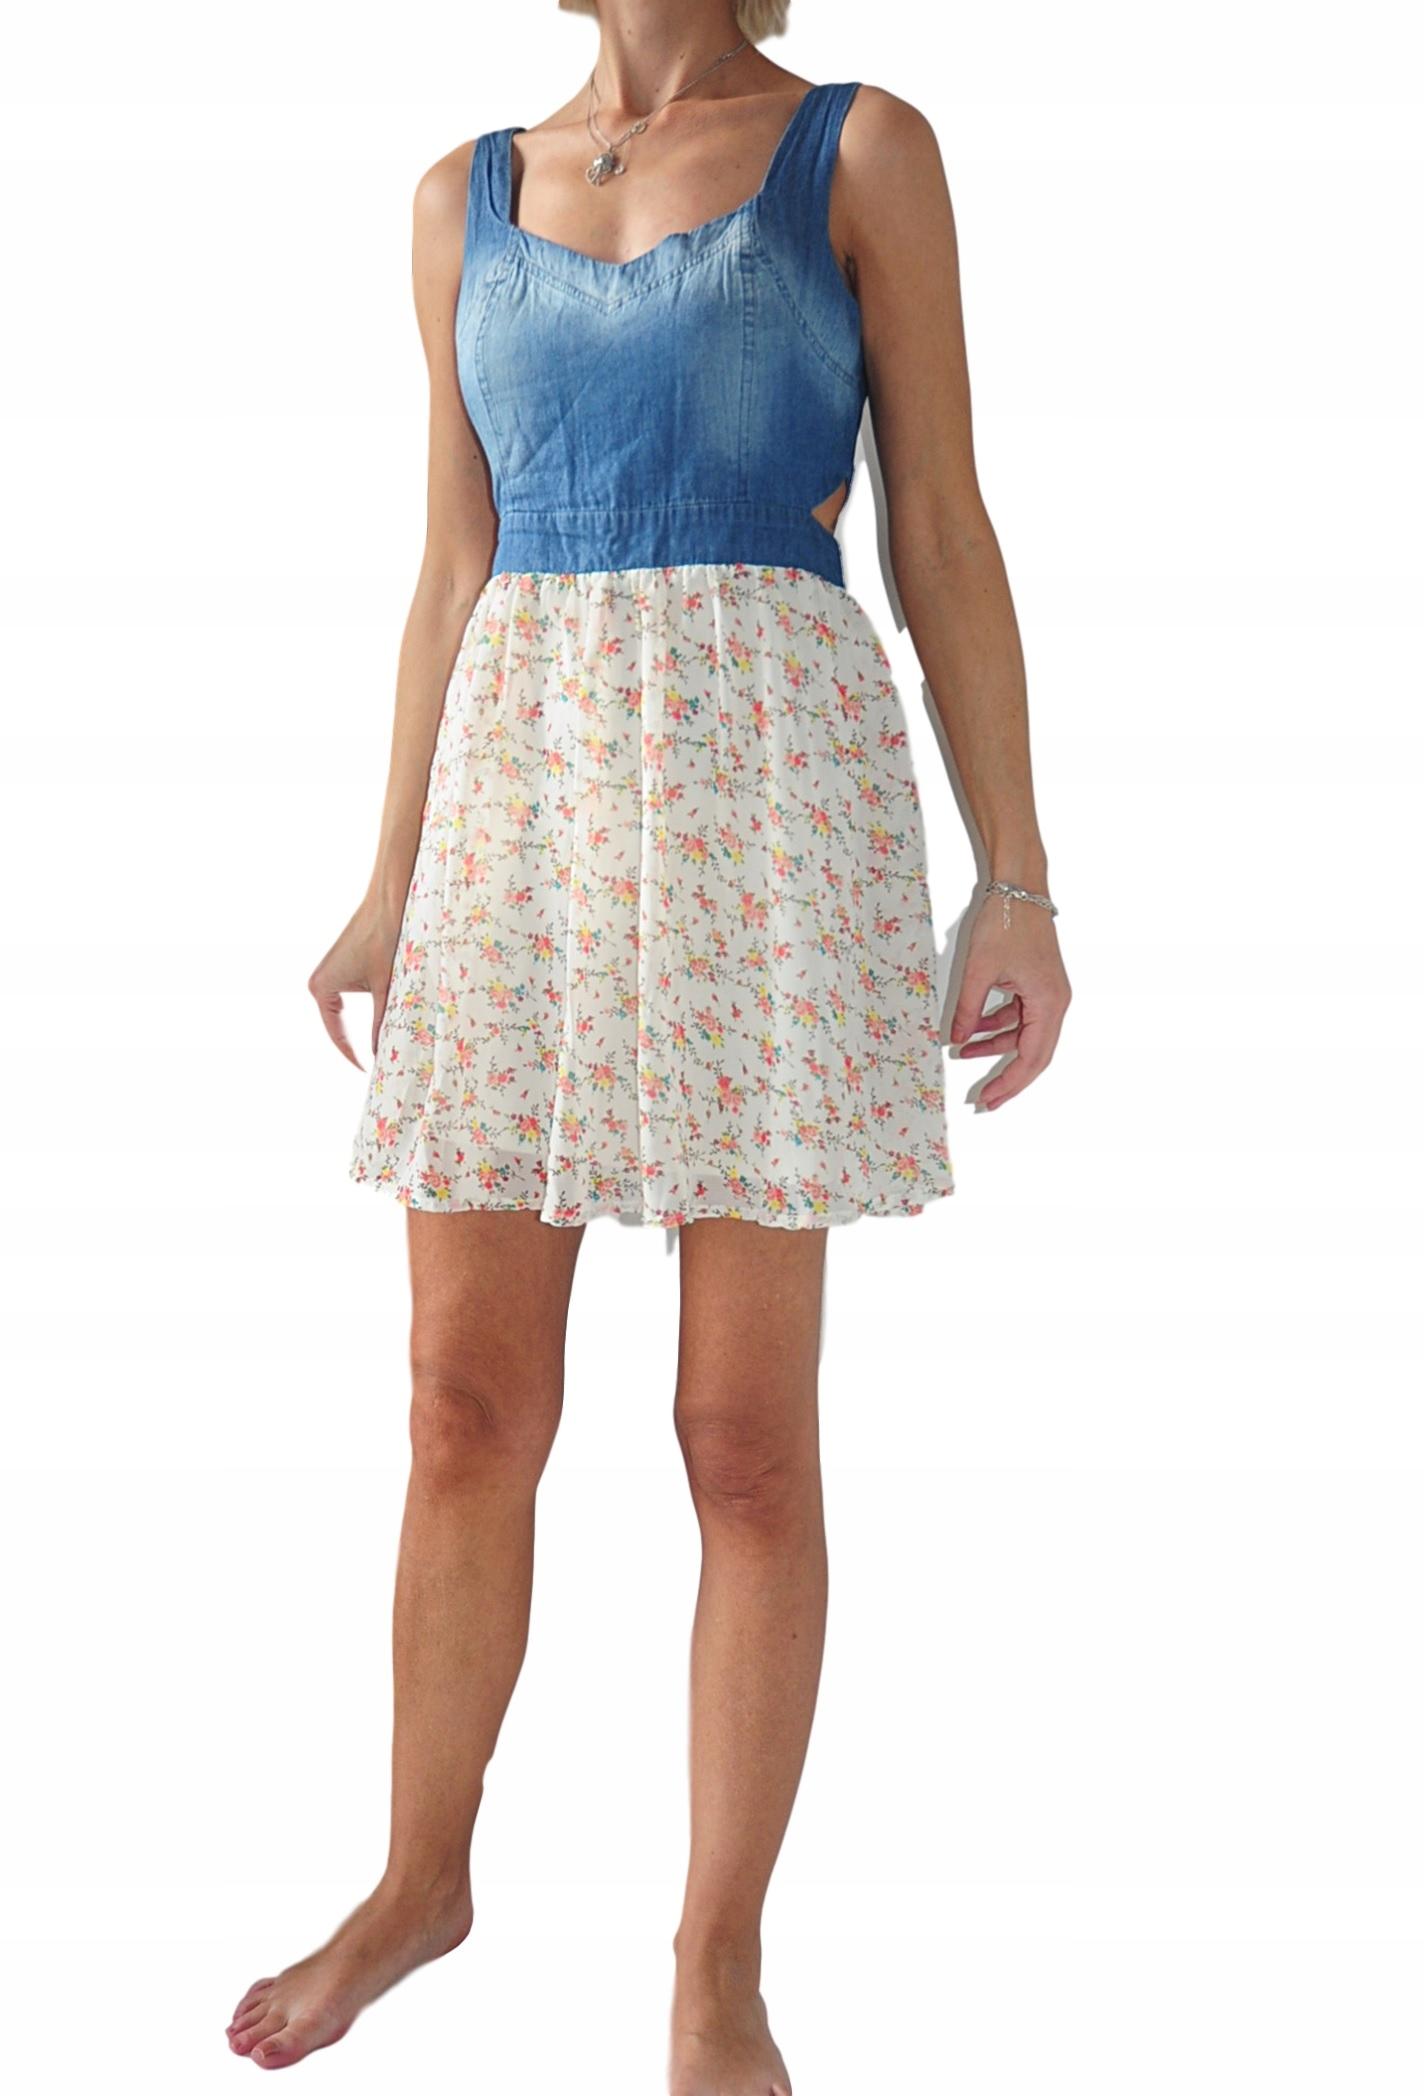 ce682ca348 Atmosphere sukienka jeans + kremowa kwiatki 36 38 - 7727632651 ...